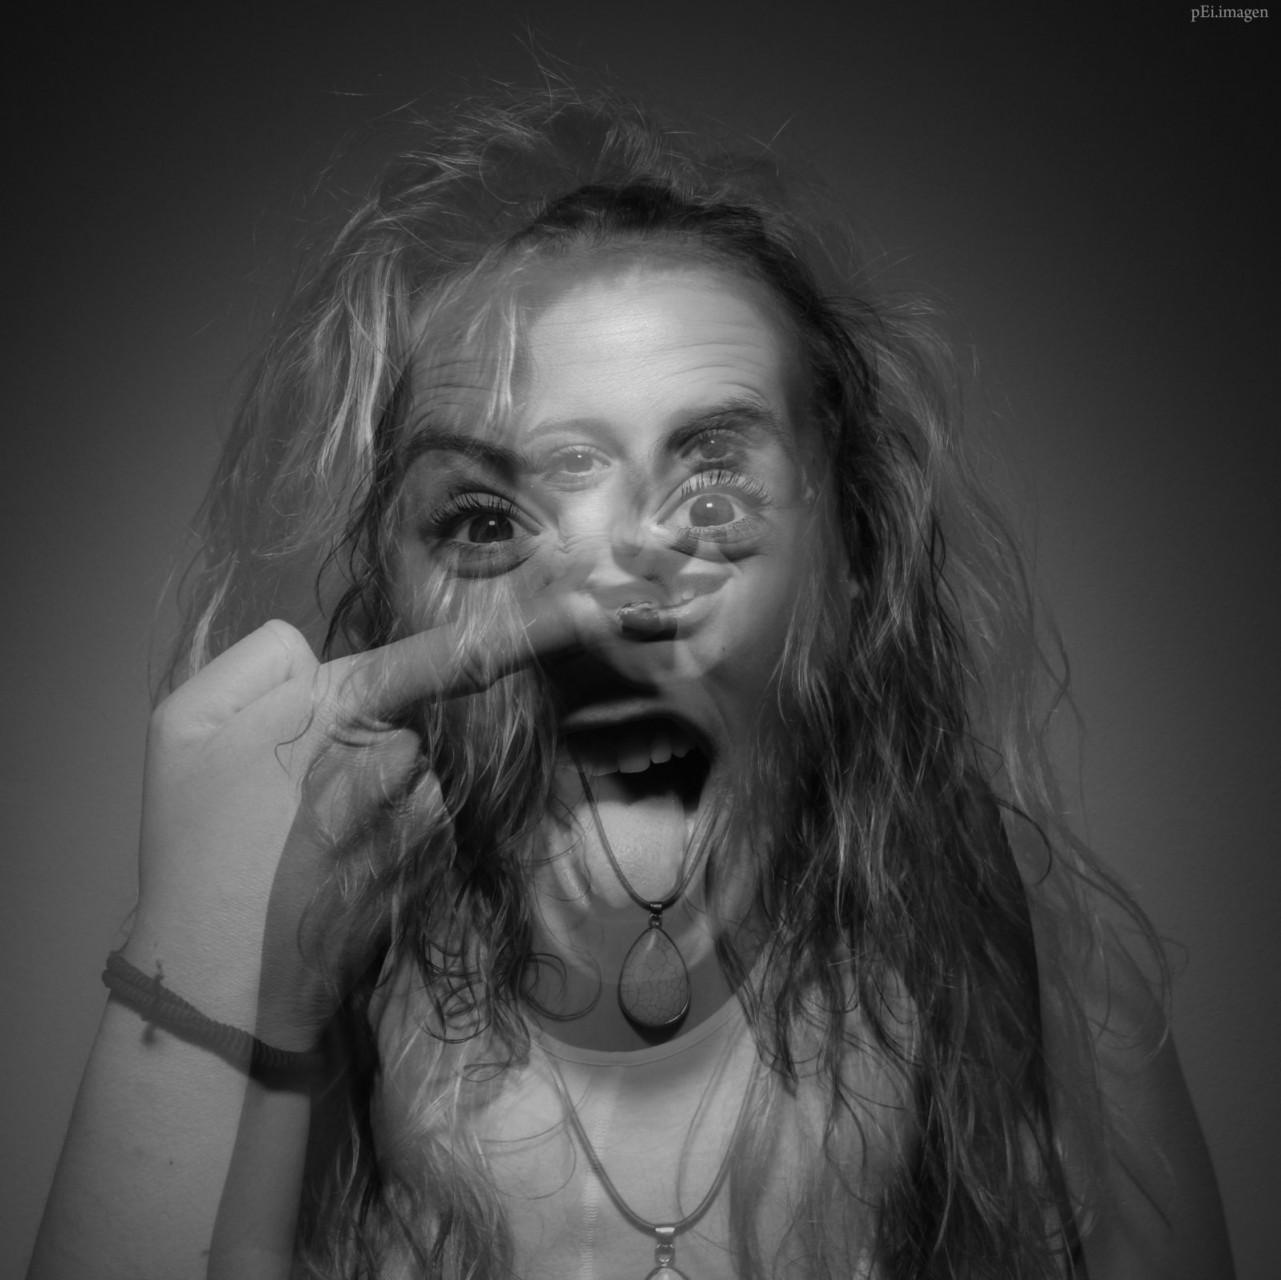 peipegata me myself I proyectos fotografia peipegatafotografia # 029 Jara Gonzalez Velazquez